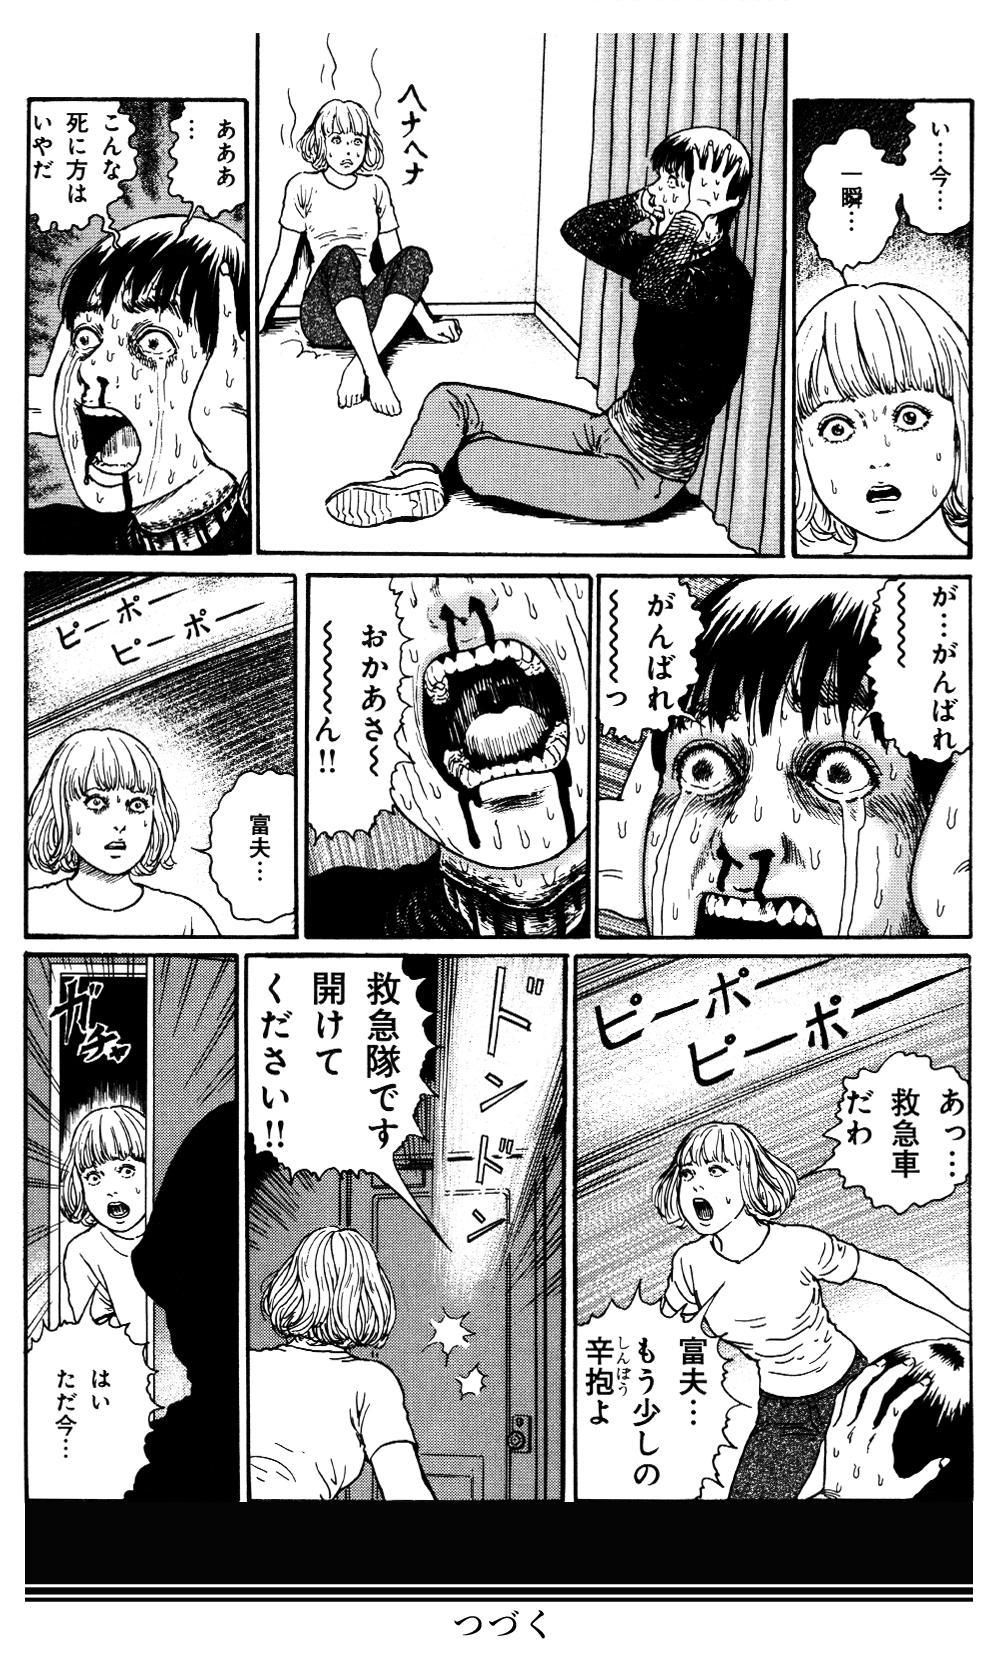 魔の断片 第3話「富夫・赤いハイネック」②jisen06-11.jpg